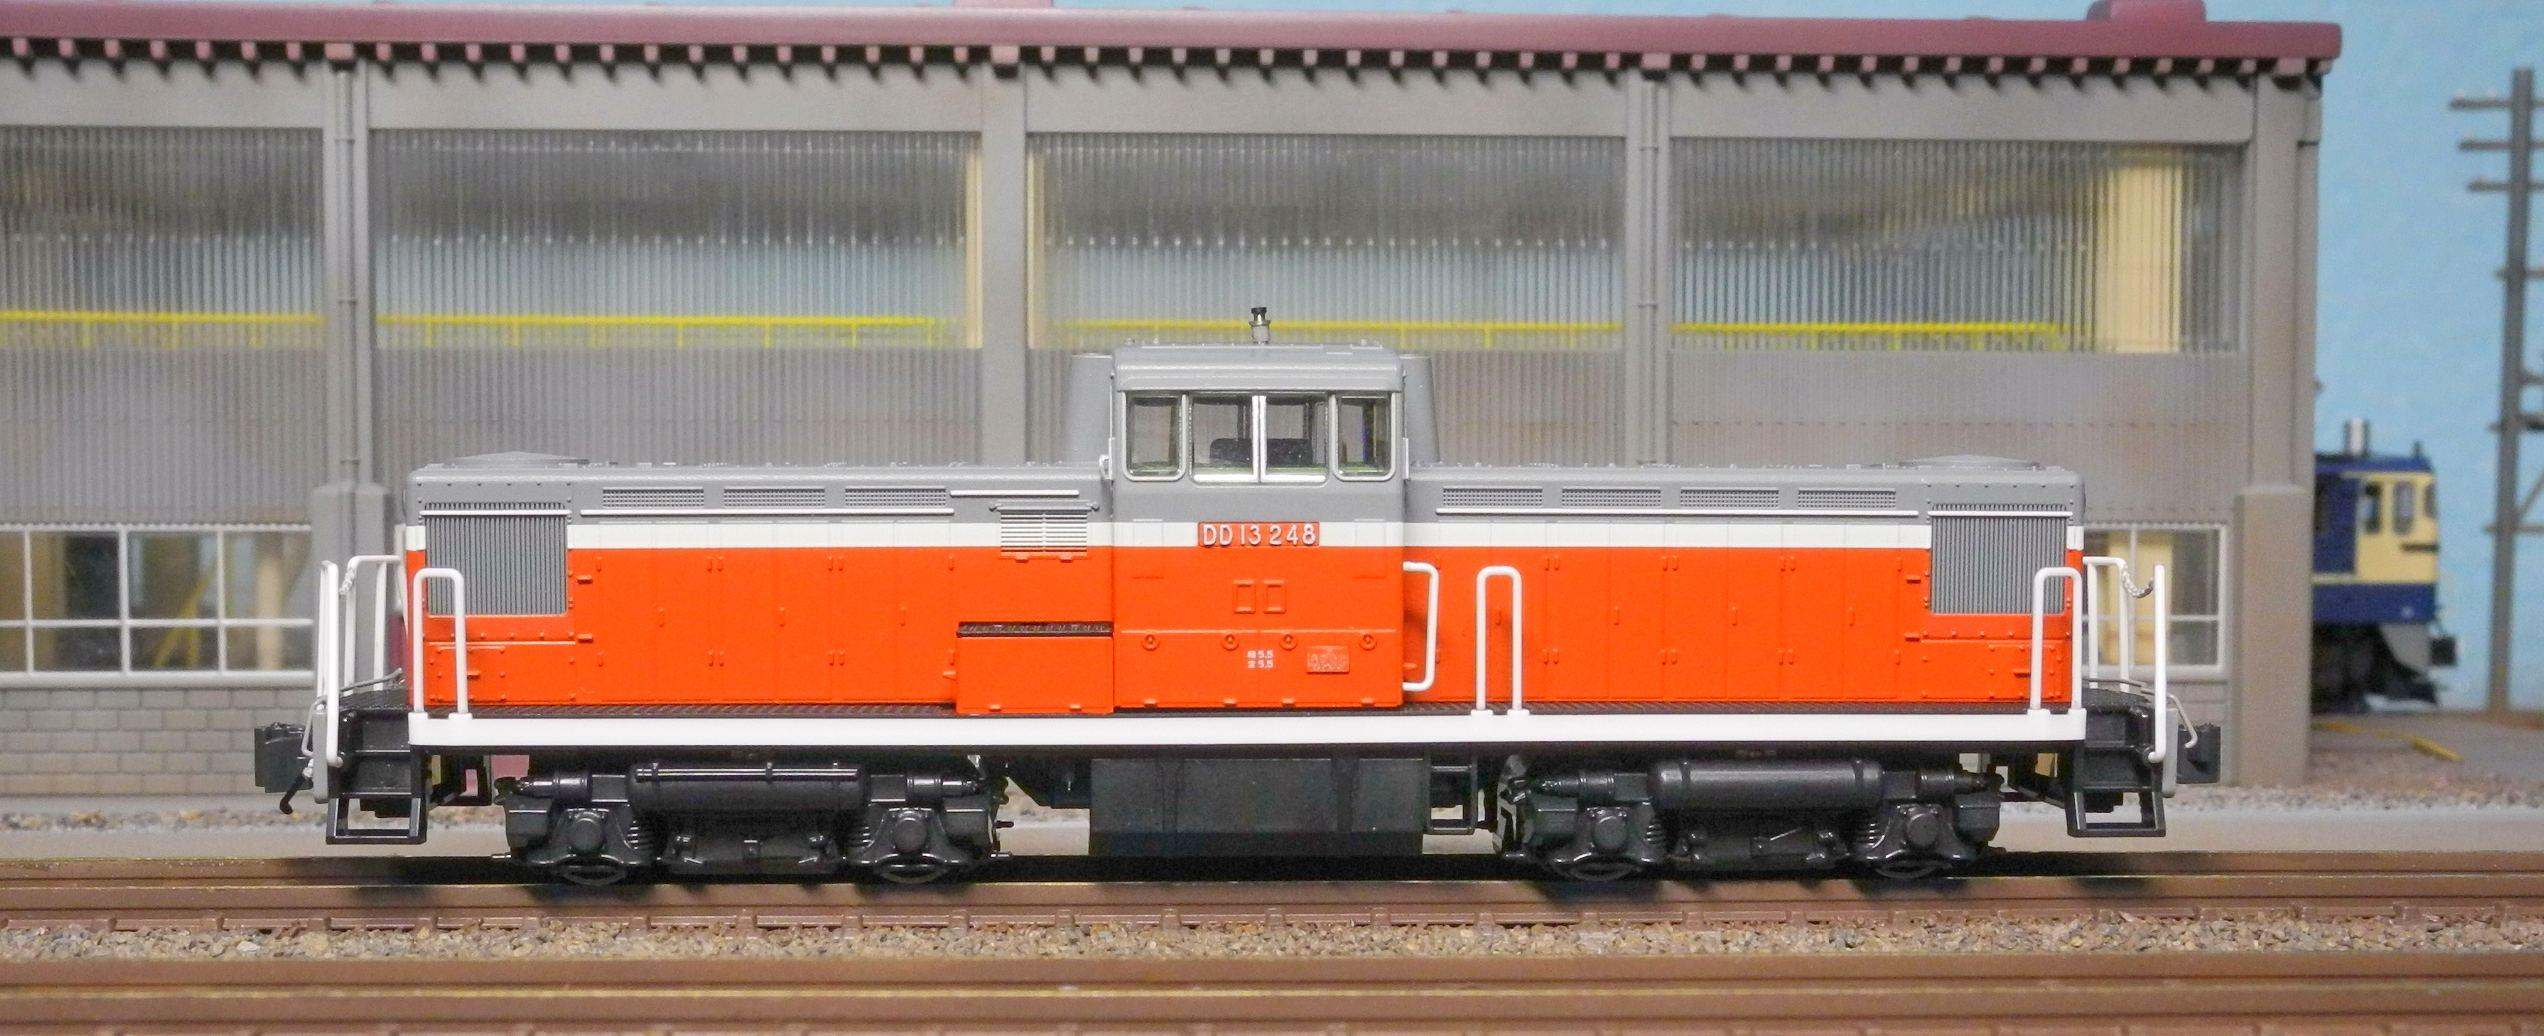 DSCN7095-1.jpg